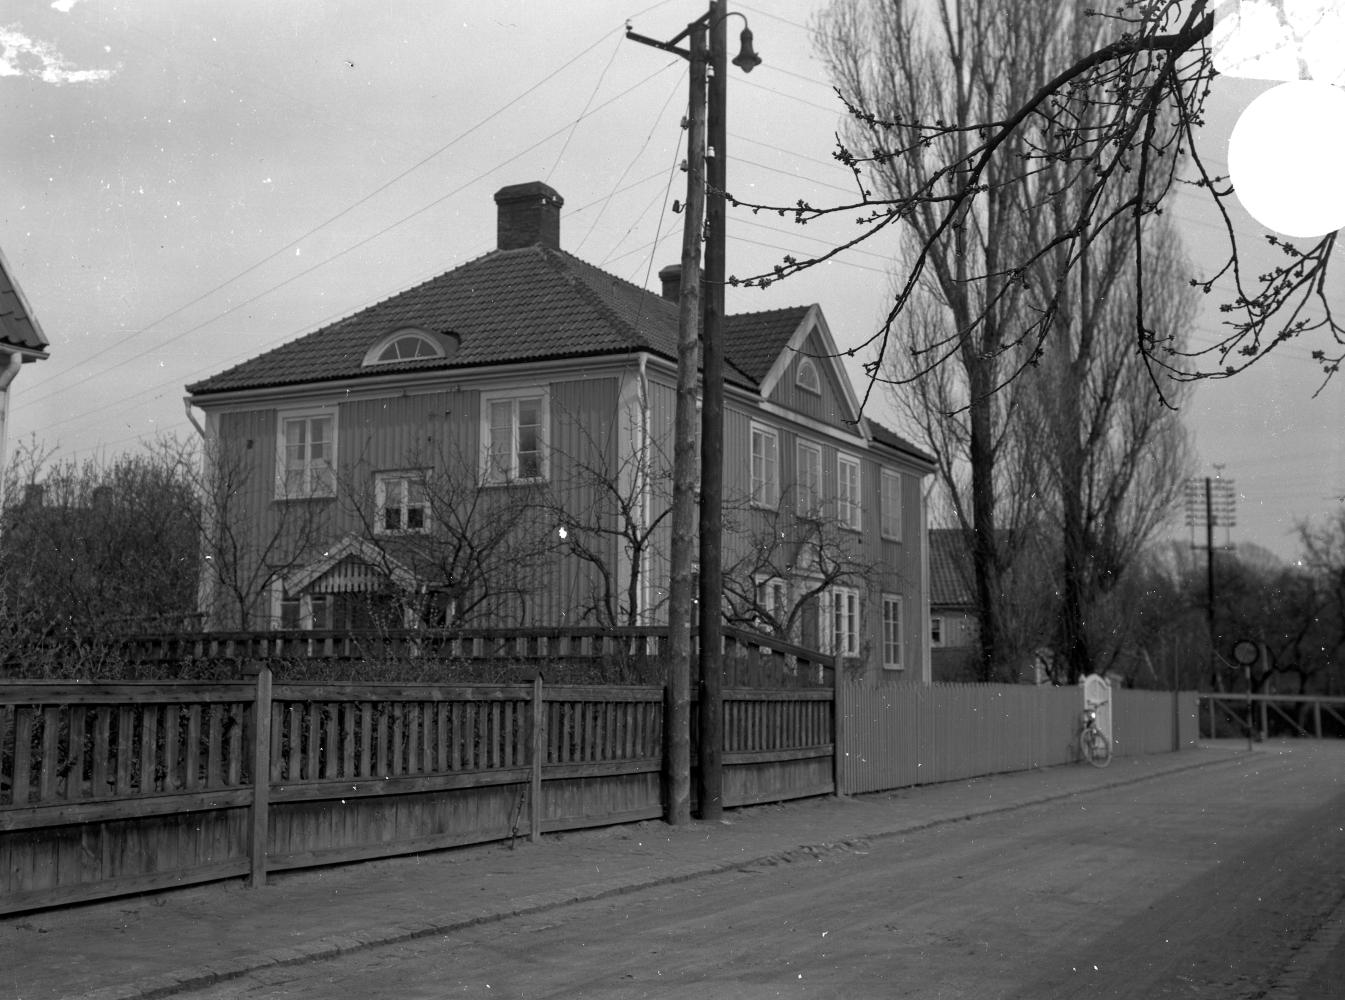 Bremergatan, Flädern 6, 1939